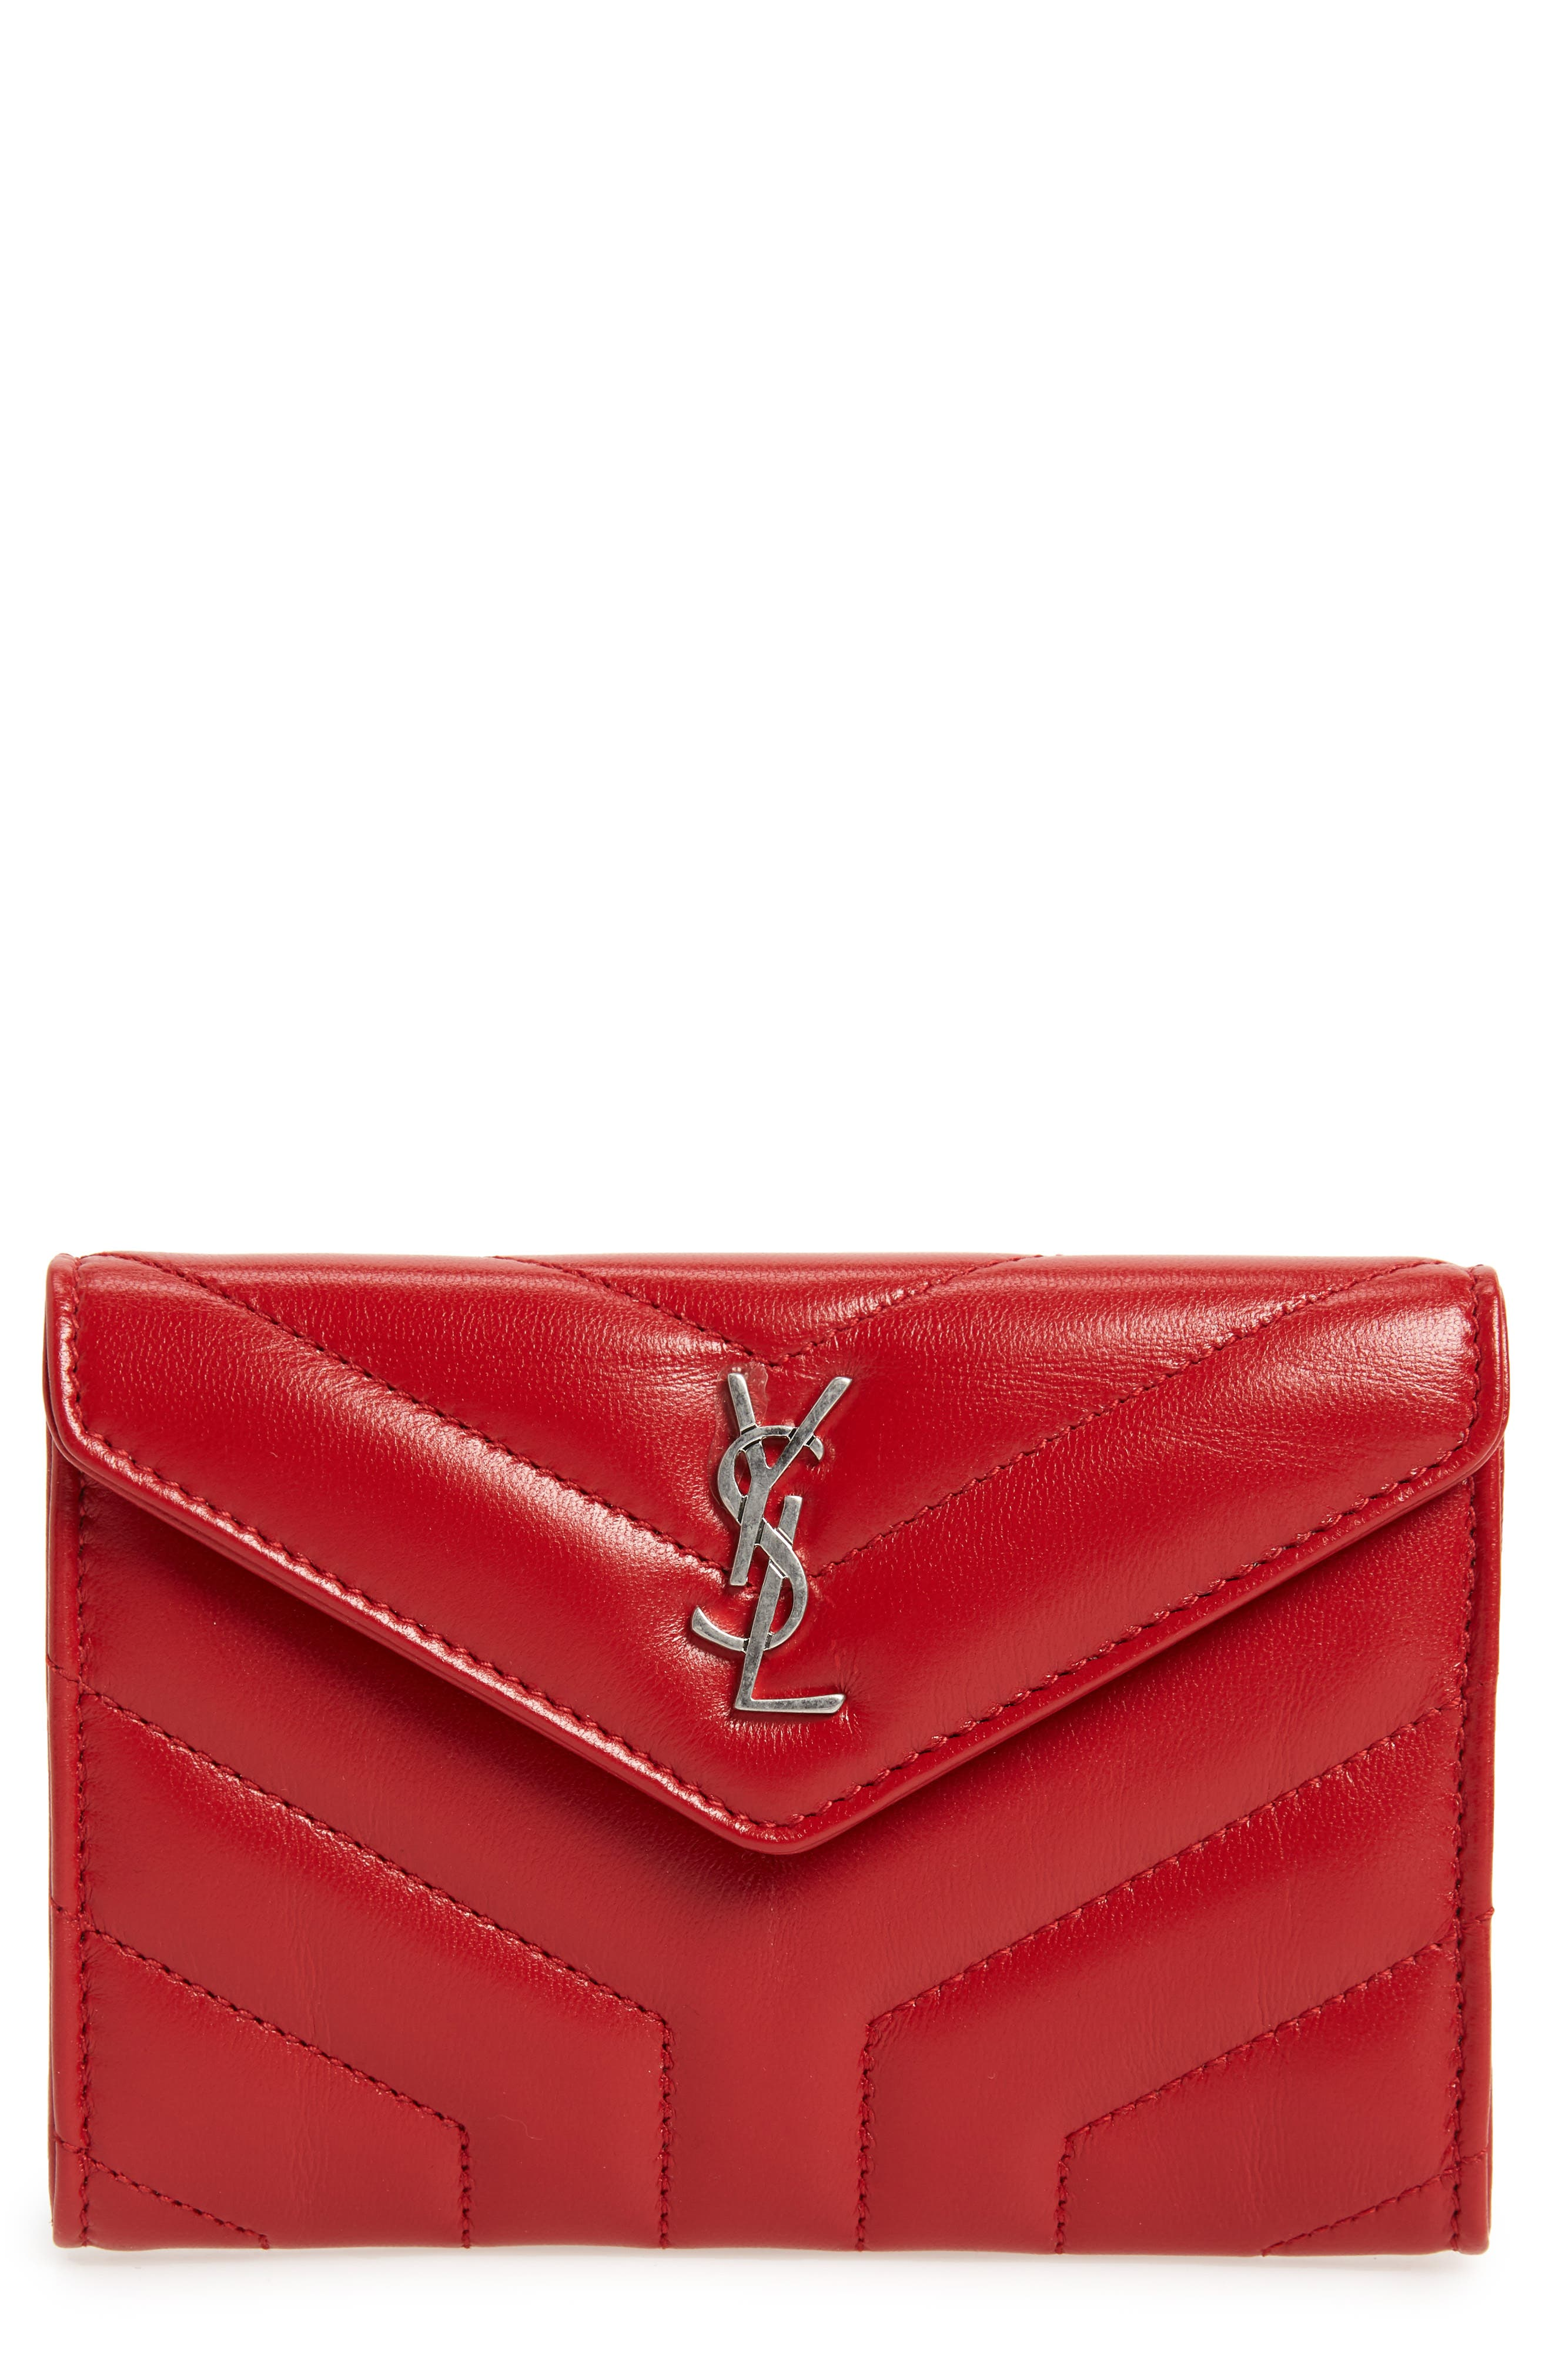 Small Loulou Matelassé Leather Wallet,                         Main,                         color, Rouge Eros